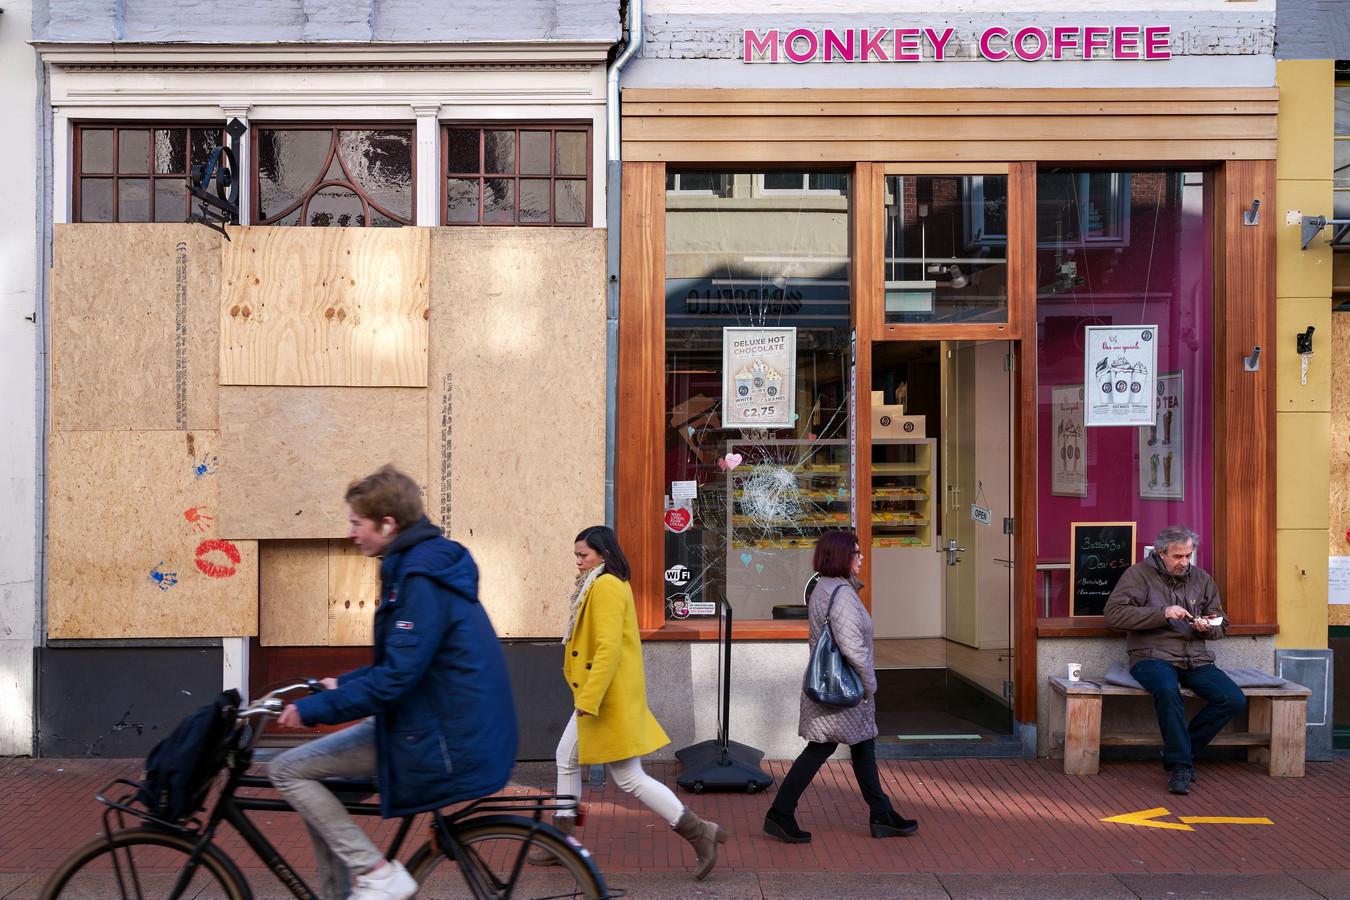 Een dichtgetimmerde winkel, een ster in de ruit: over een paar weken is dit straatbeeld weg.